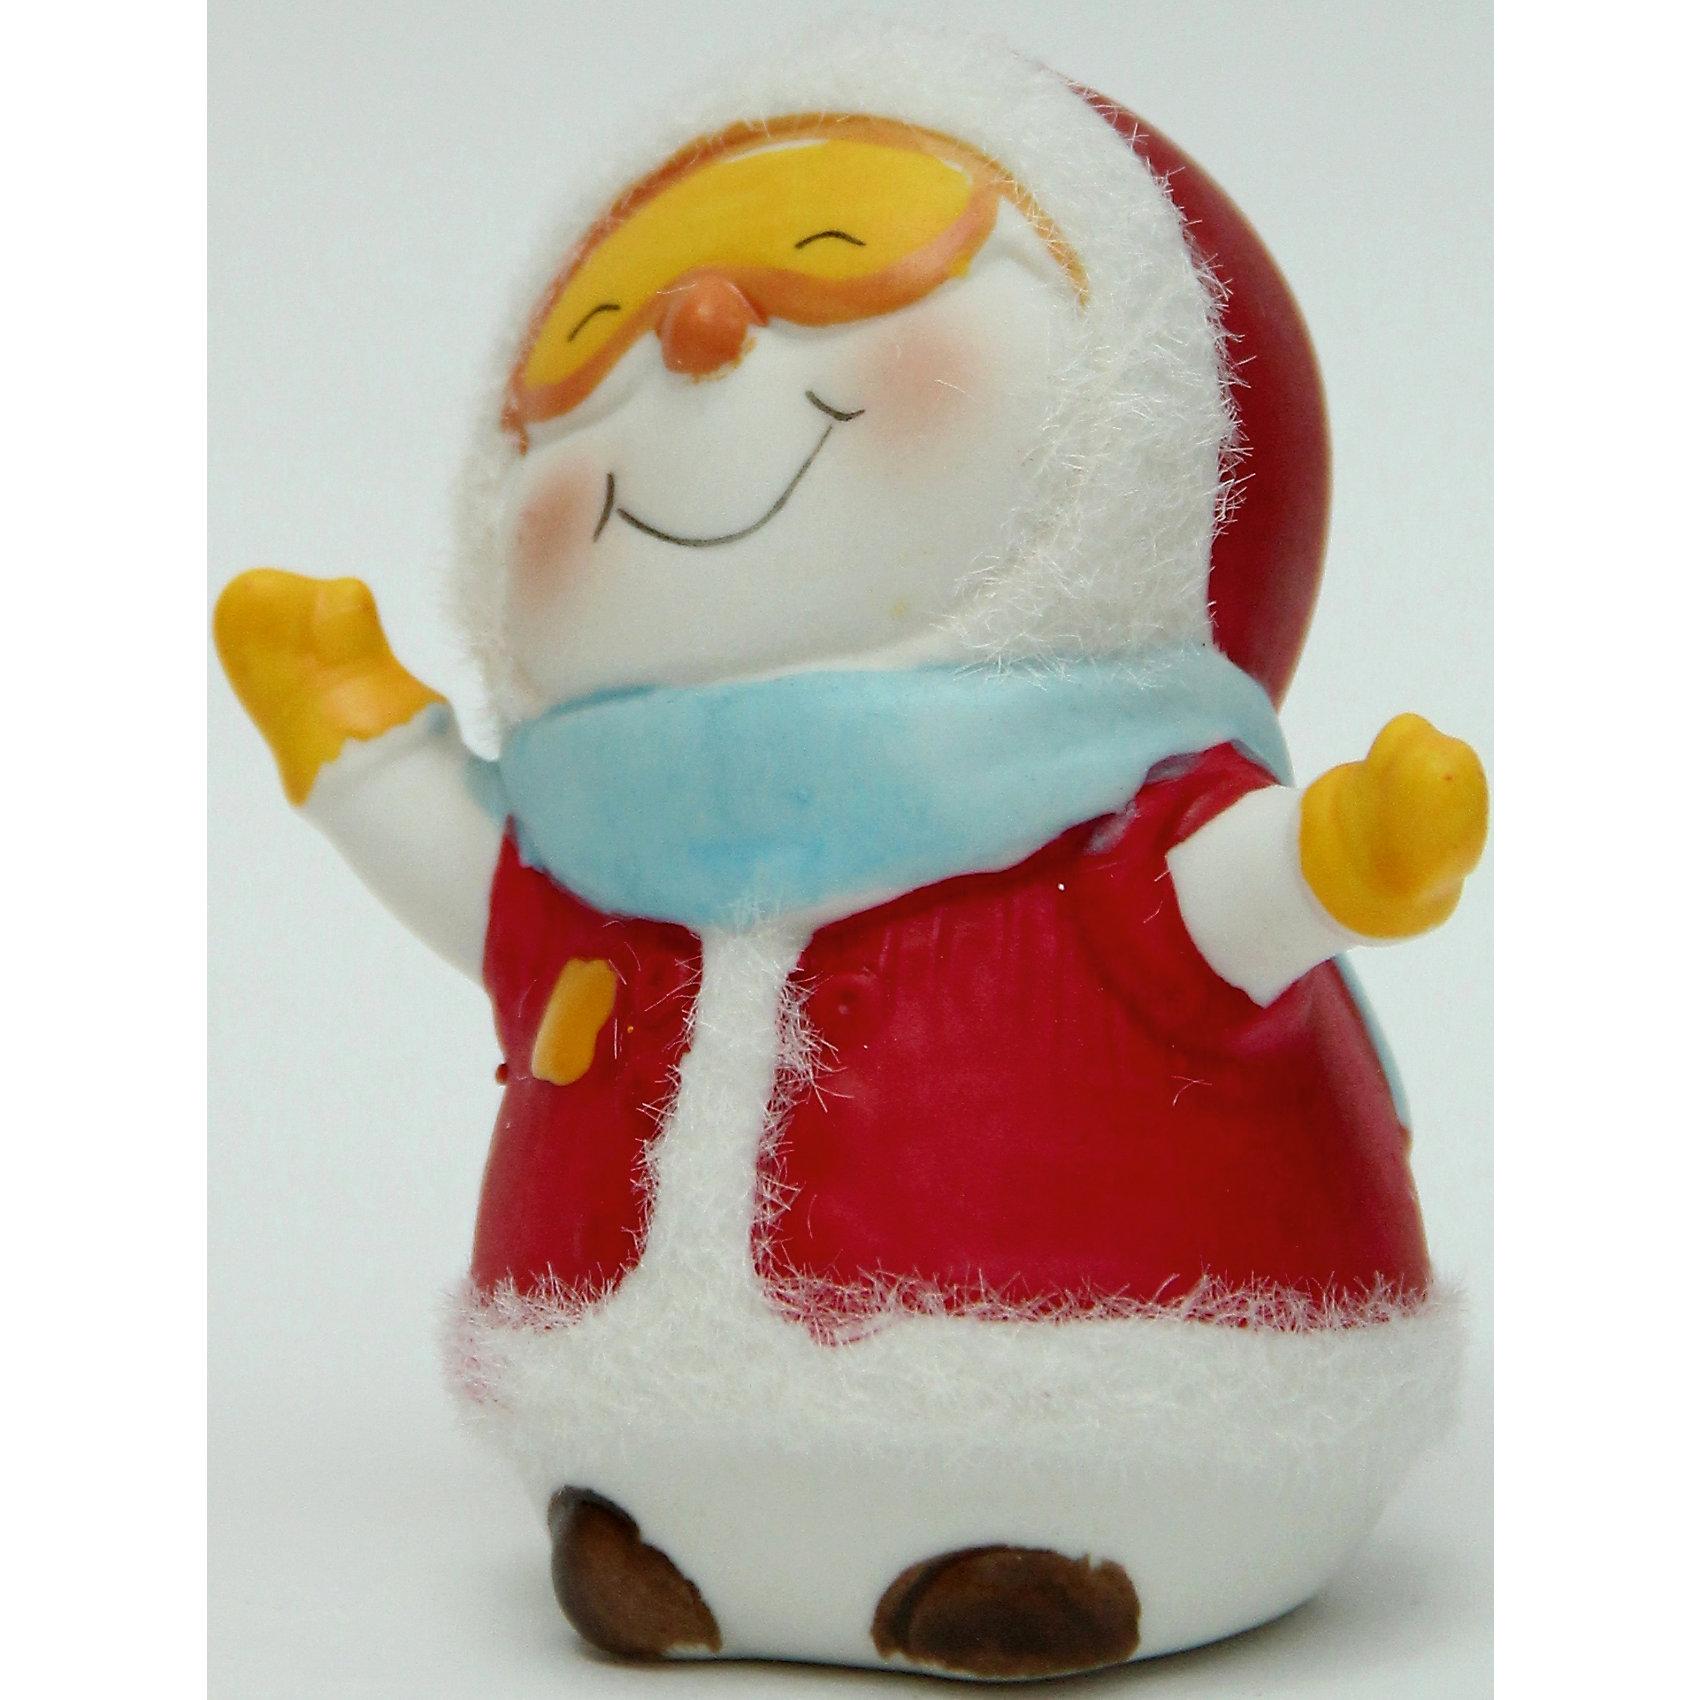 Фигурка Снеговик - лыжник 8 см, керамикаВсё для праздника<br>Новогодняя фигурка снеговика Снеговик - лыжник арт.38346 (8см, керамика)<br><br>Ширина мм: 70<br>Глубина мм: 60<br>Высота мм: 100<br>Вес г: 114<br>Возраст от месяцев: 60<br>Возраст до месяцев: 600<br>Пол: Унисекс<br>Возраст: Детский<br>SKU: 5144563